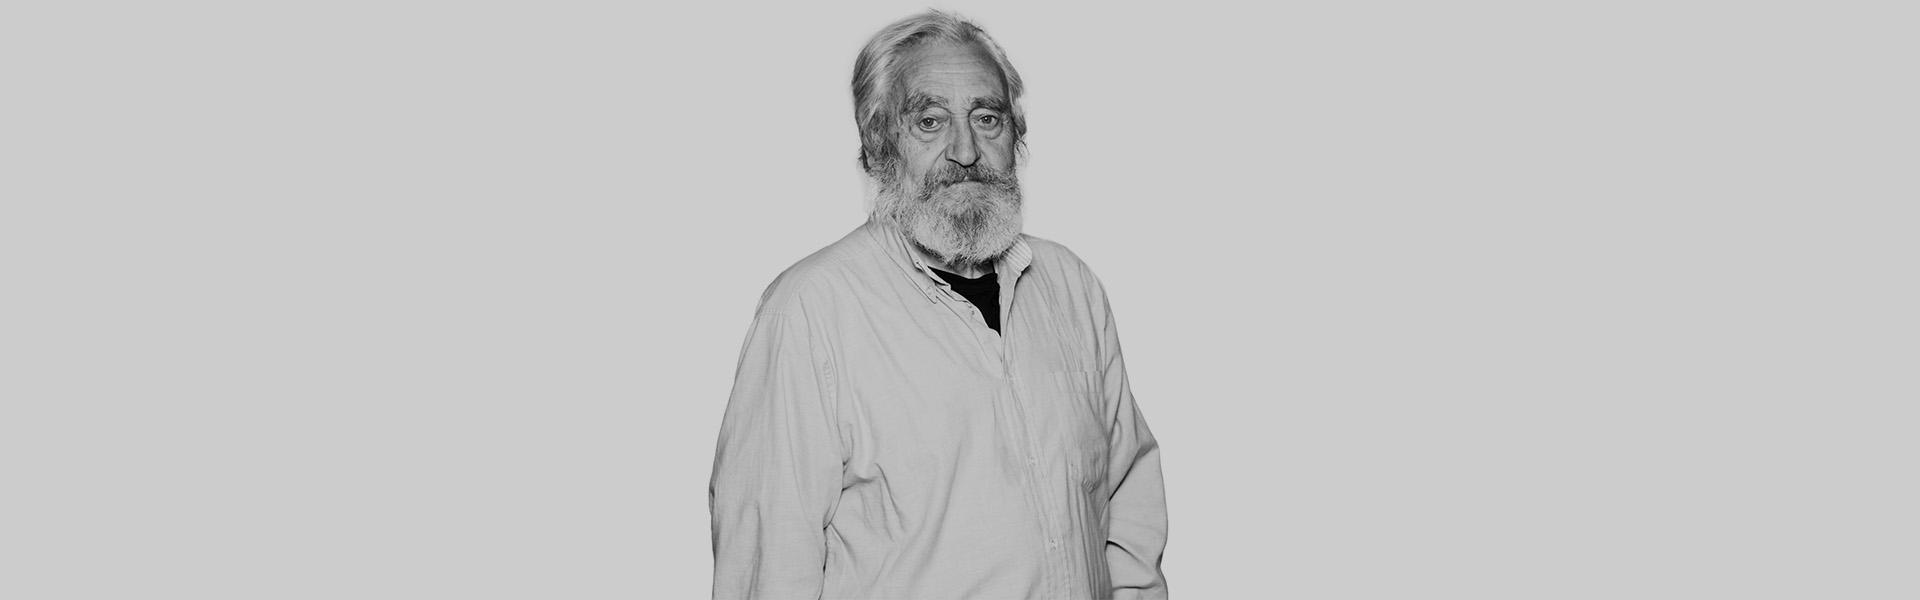 Enric de Santos